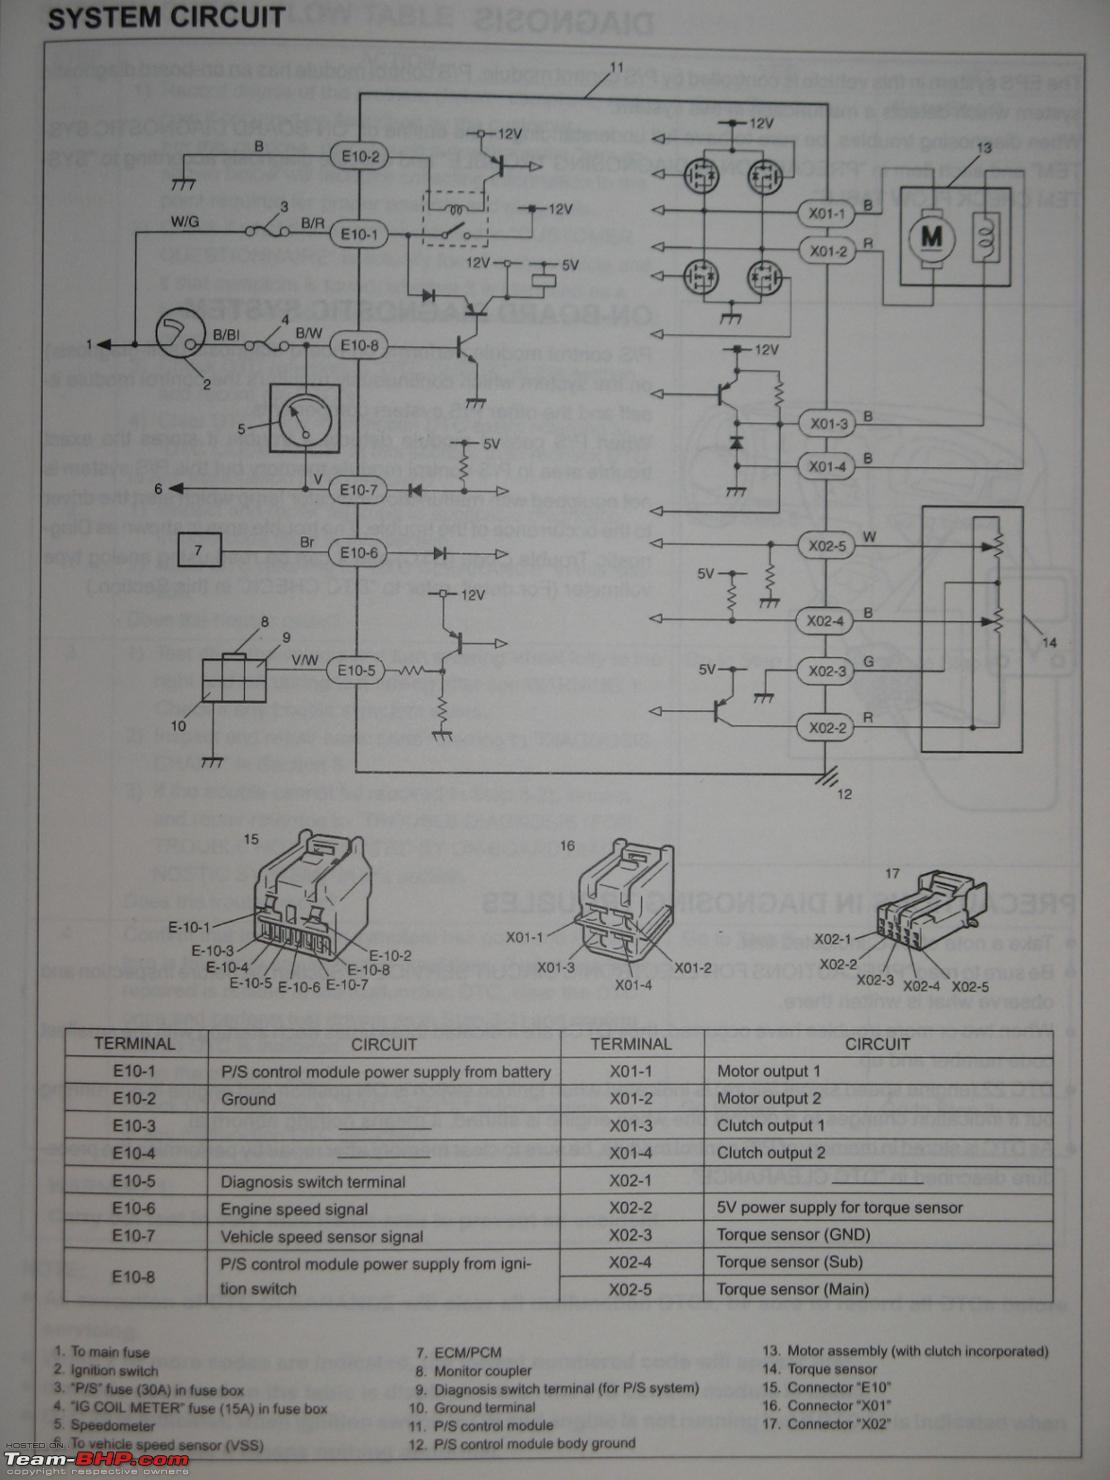 Maruti Suzuki Zen Wiring Diagram - Auto Electrical Wiring Diagrambedradingsschemab.webredirect.org